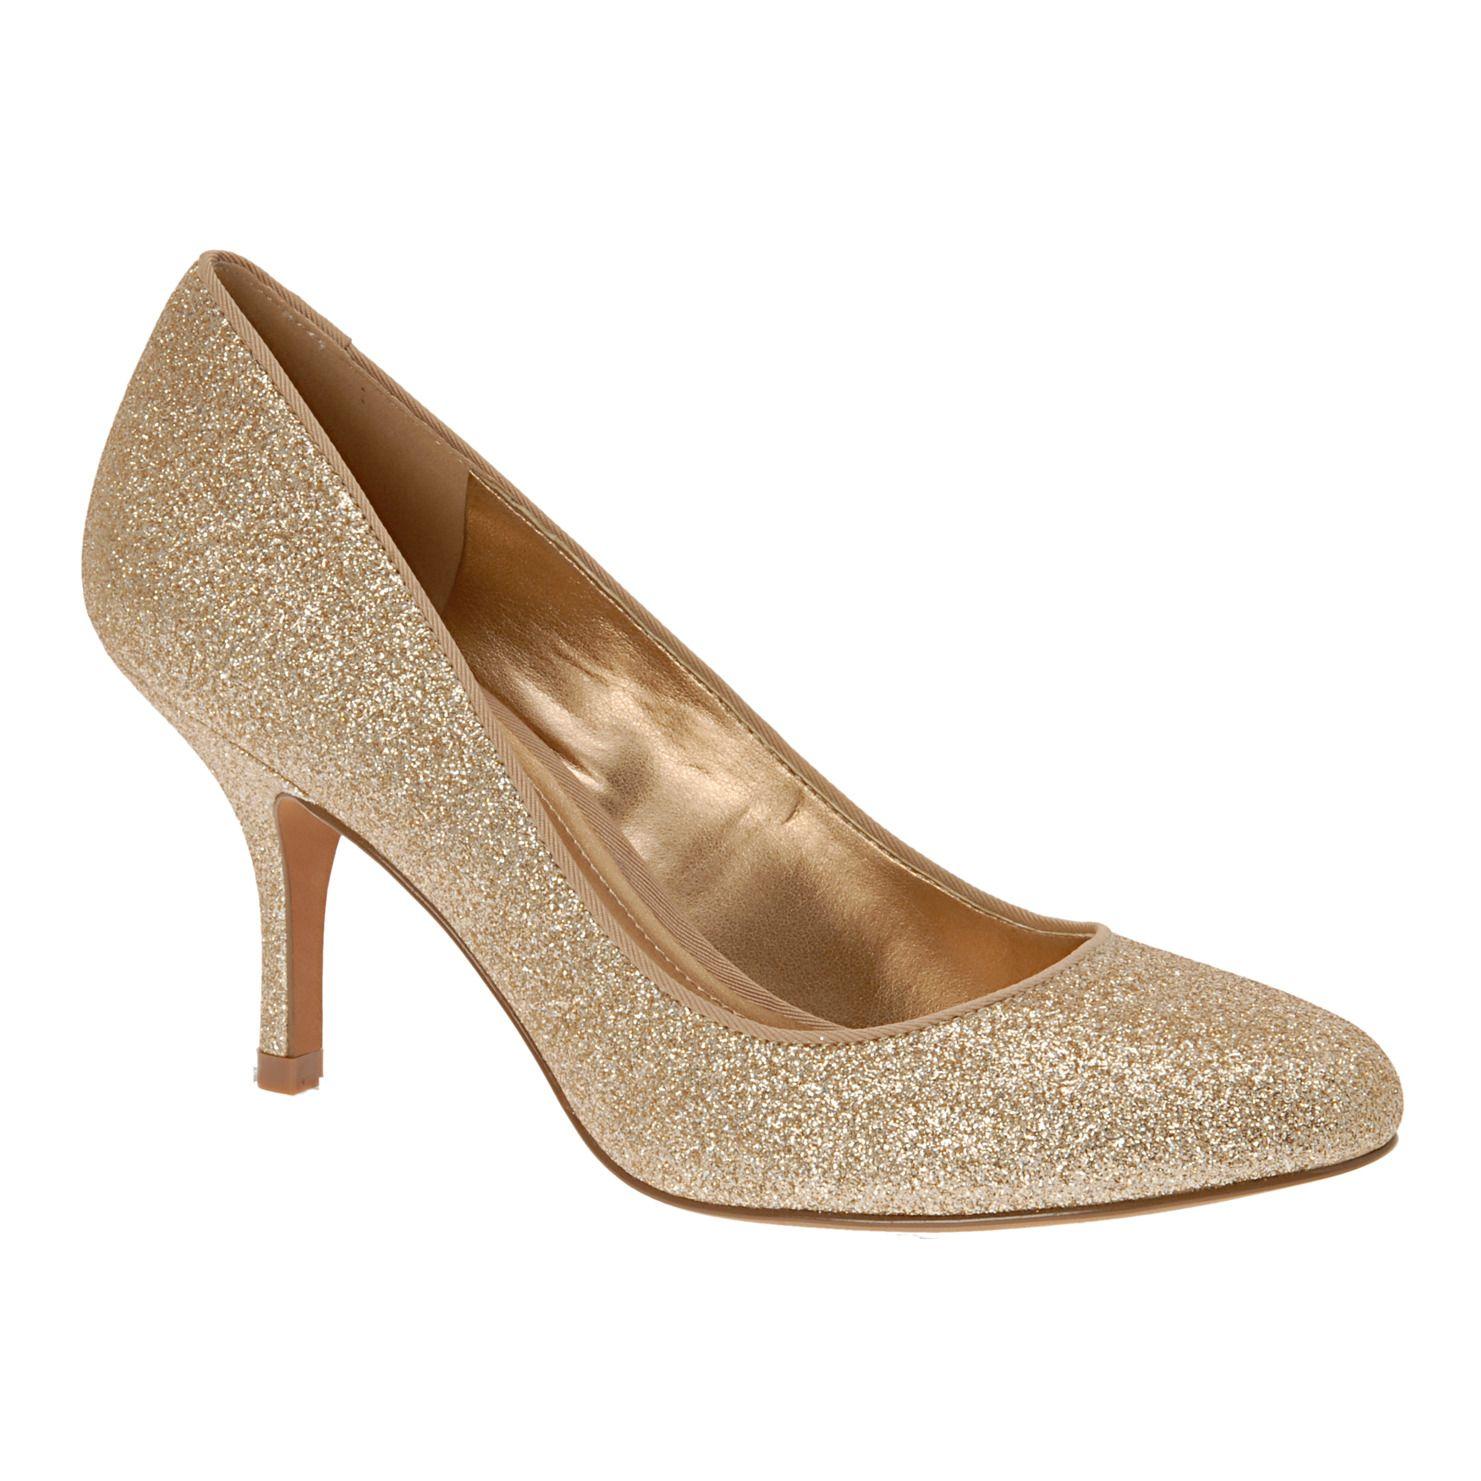 """Bridal Shoes Aldo: Aldo """"Derington Heels"""" $70.00"""